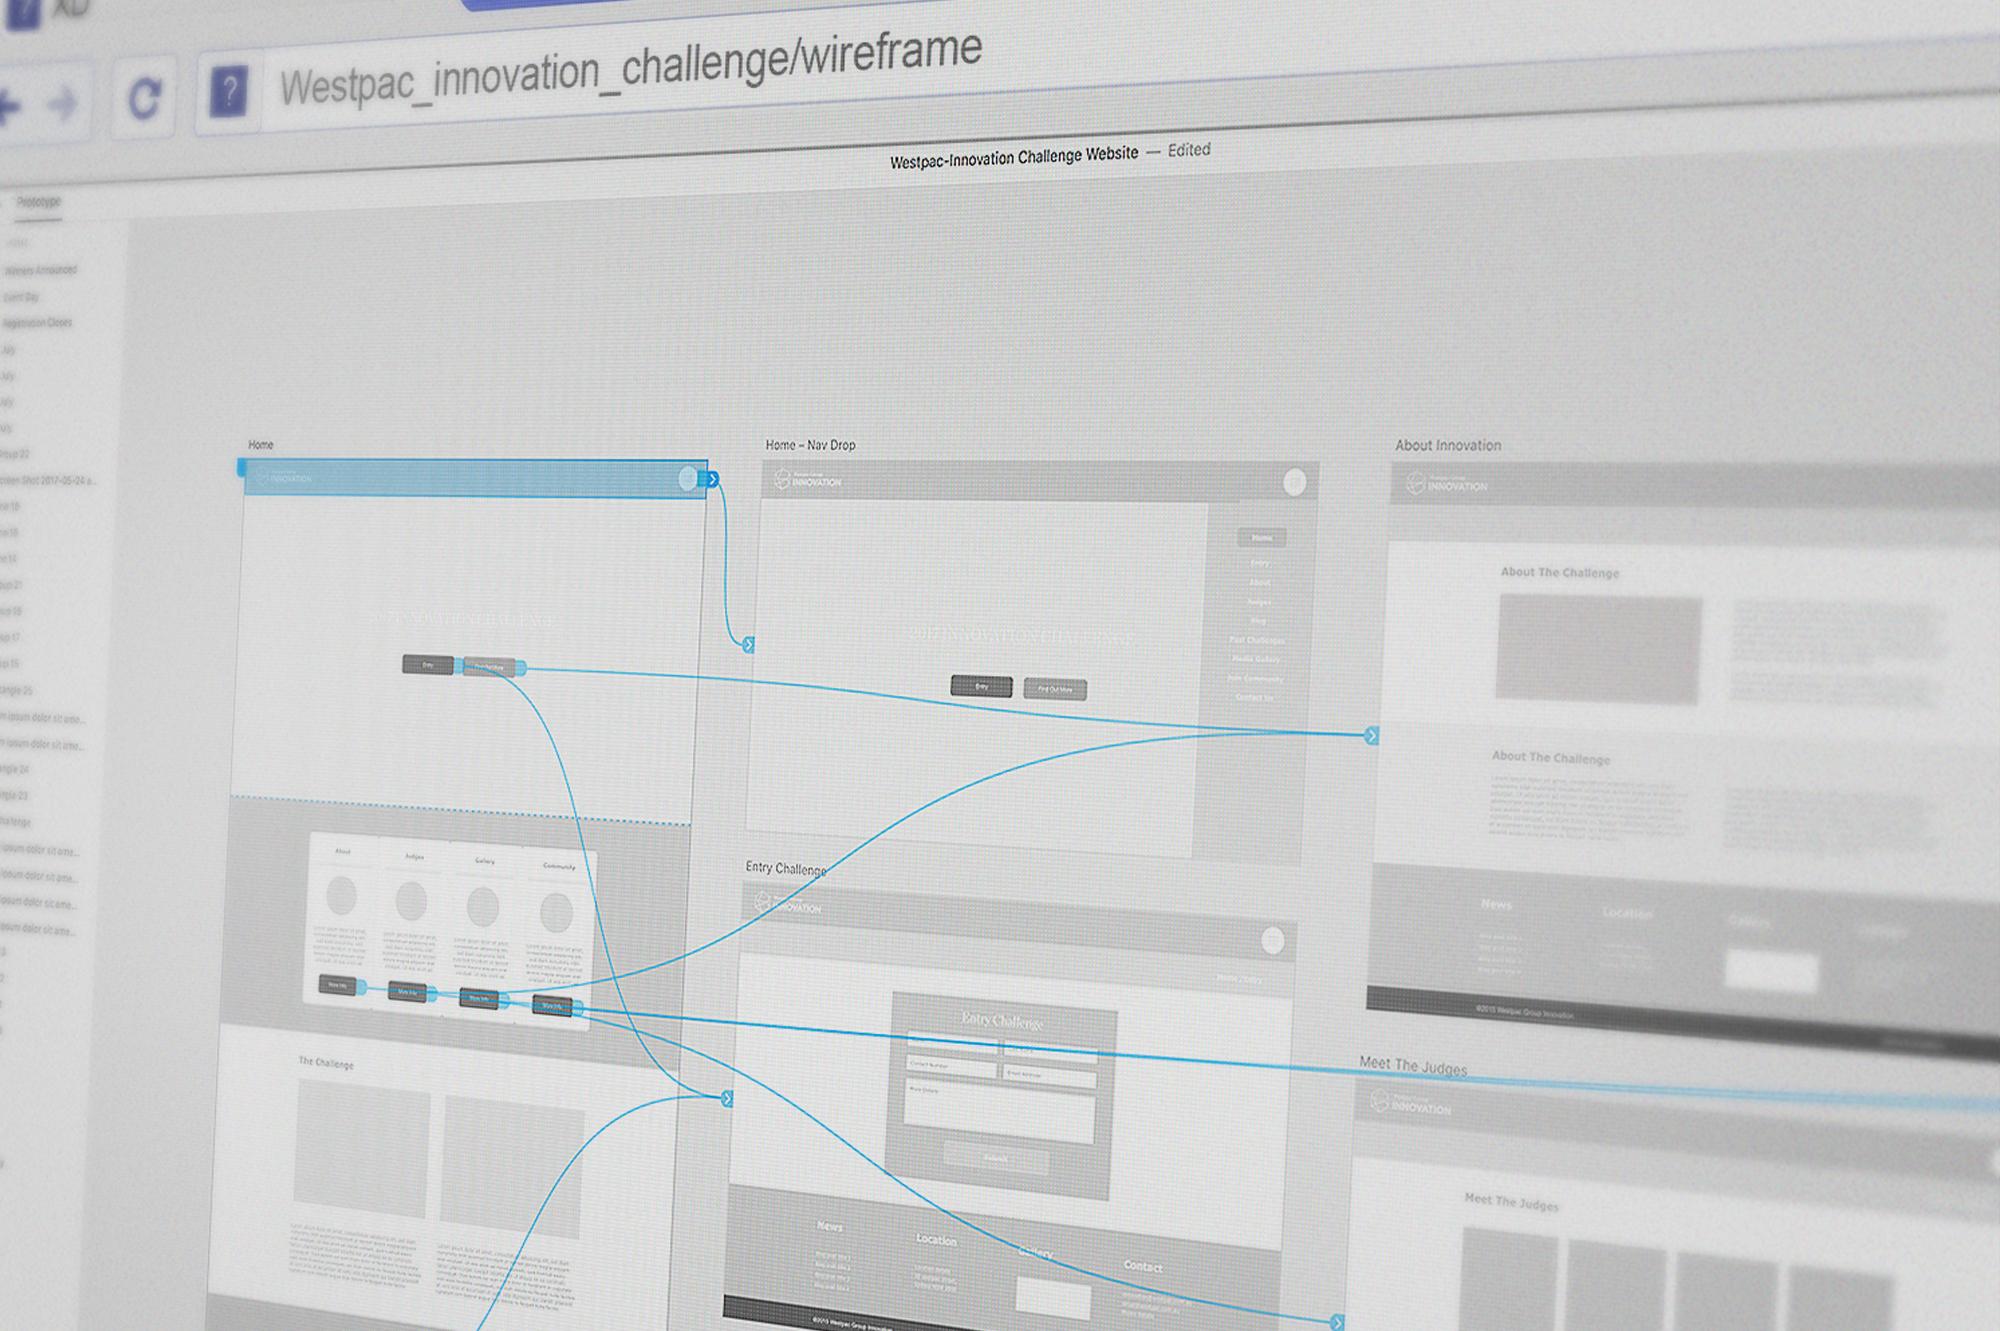 Adobe XD wireframe